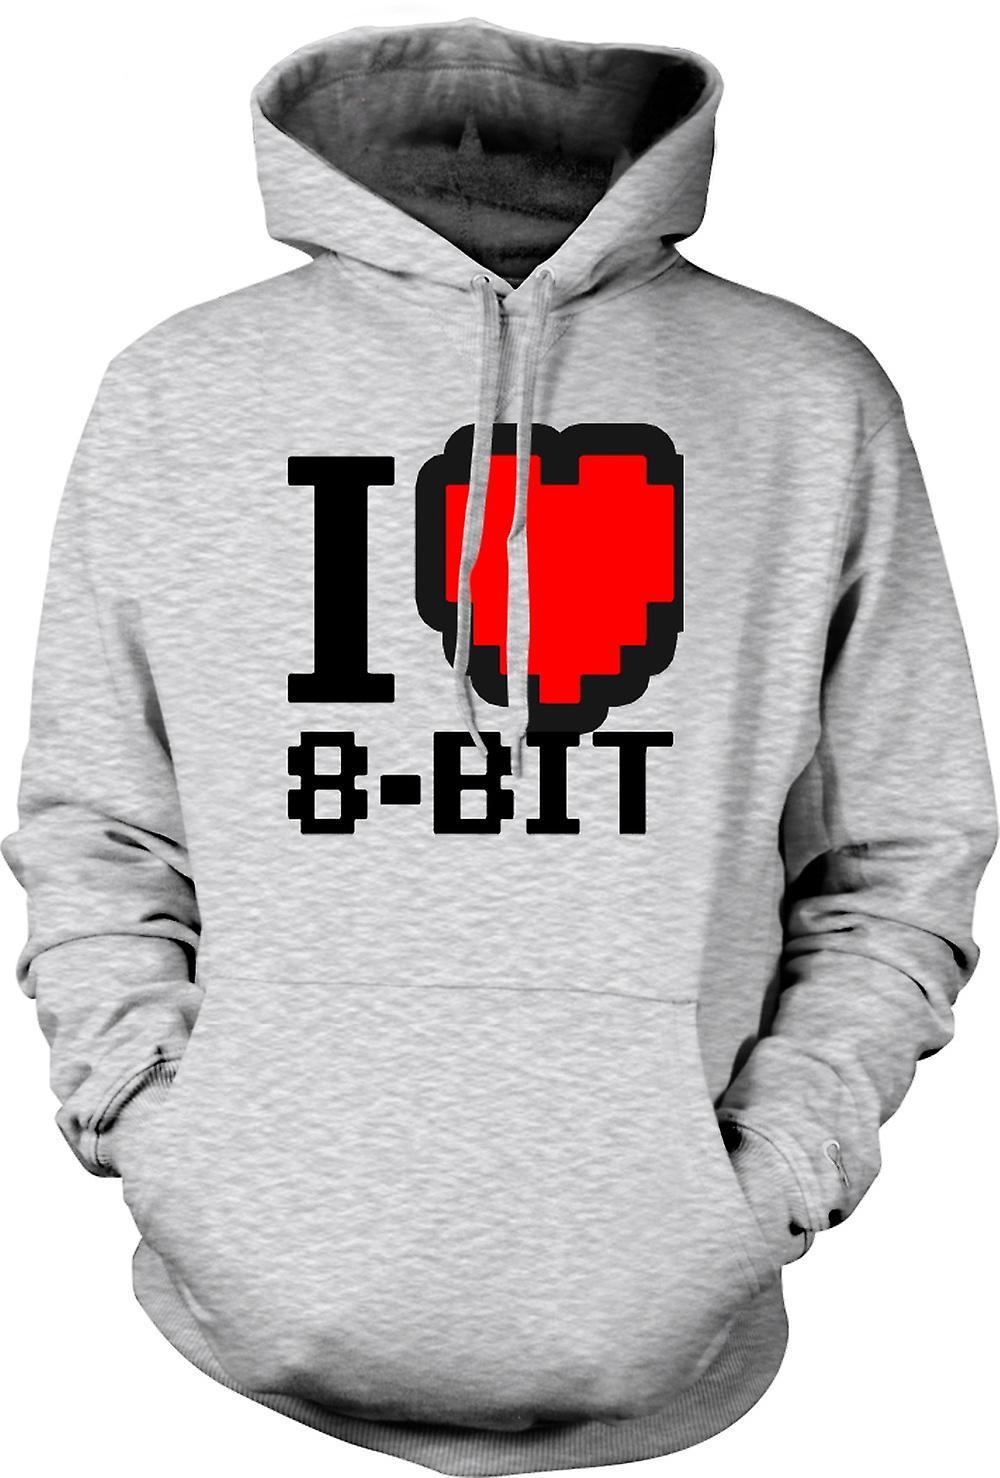 Para hombre con capucha - amo - Retro - ordenador de 8 bits